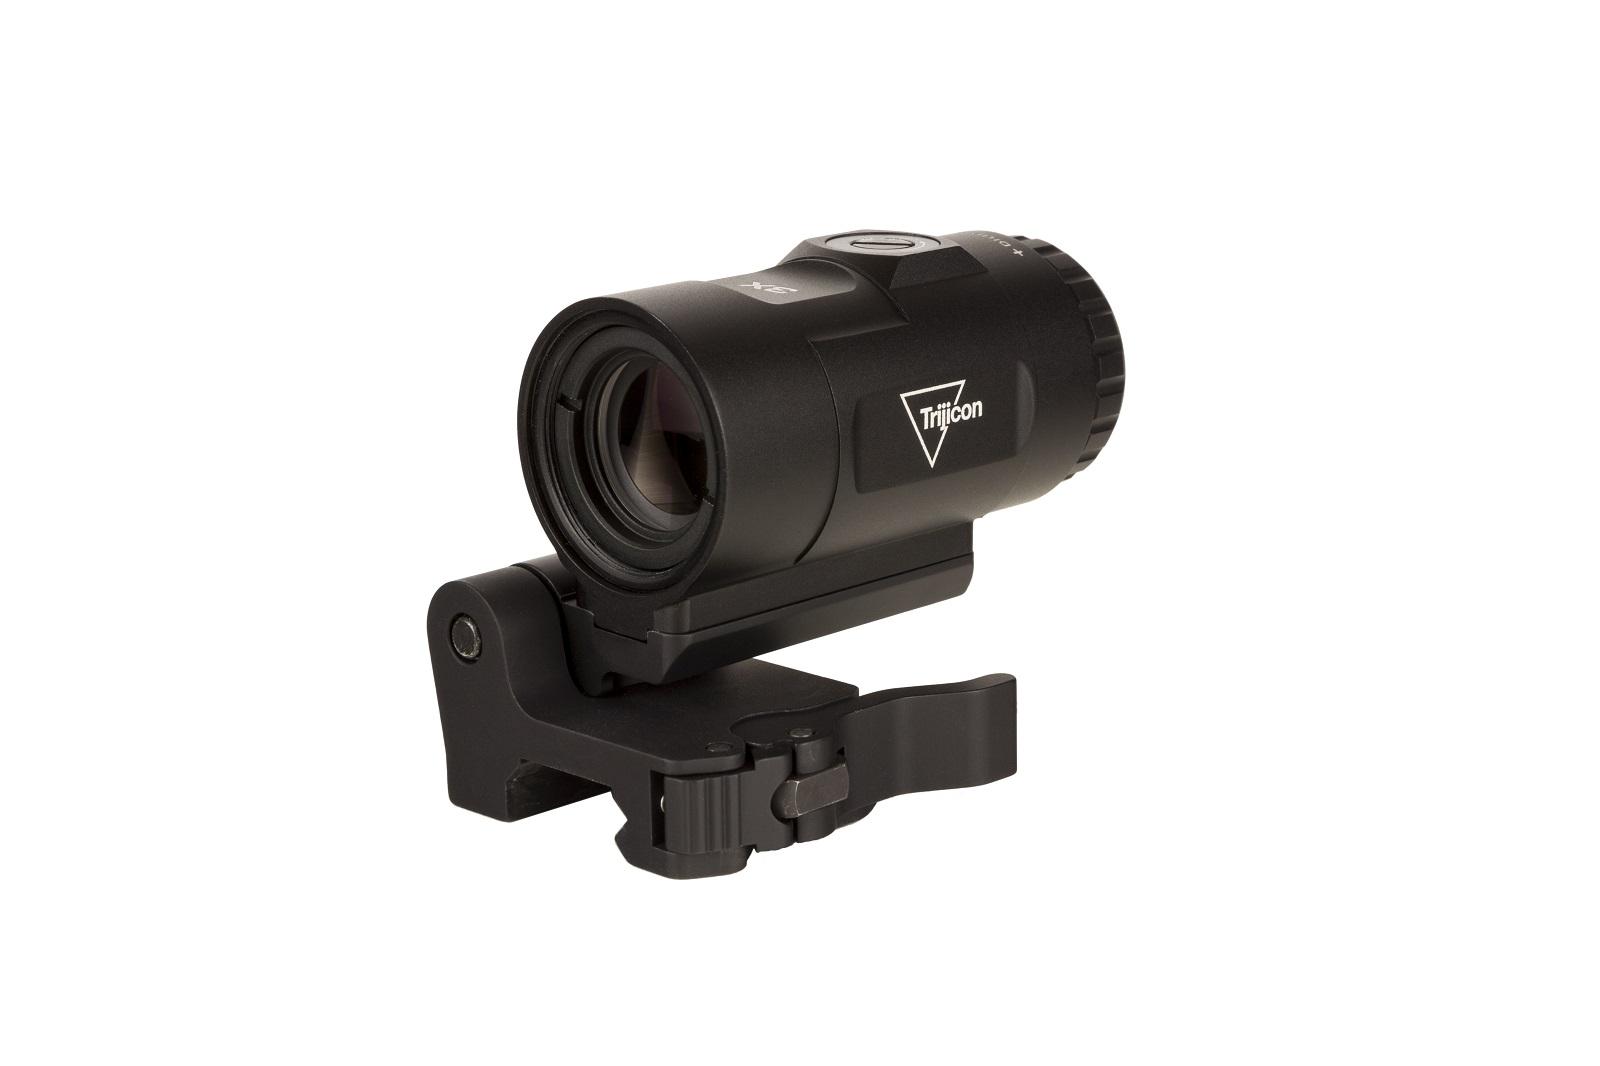 Trijicon 3x Magnifier for MRO HD Bild 01